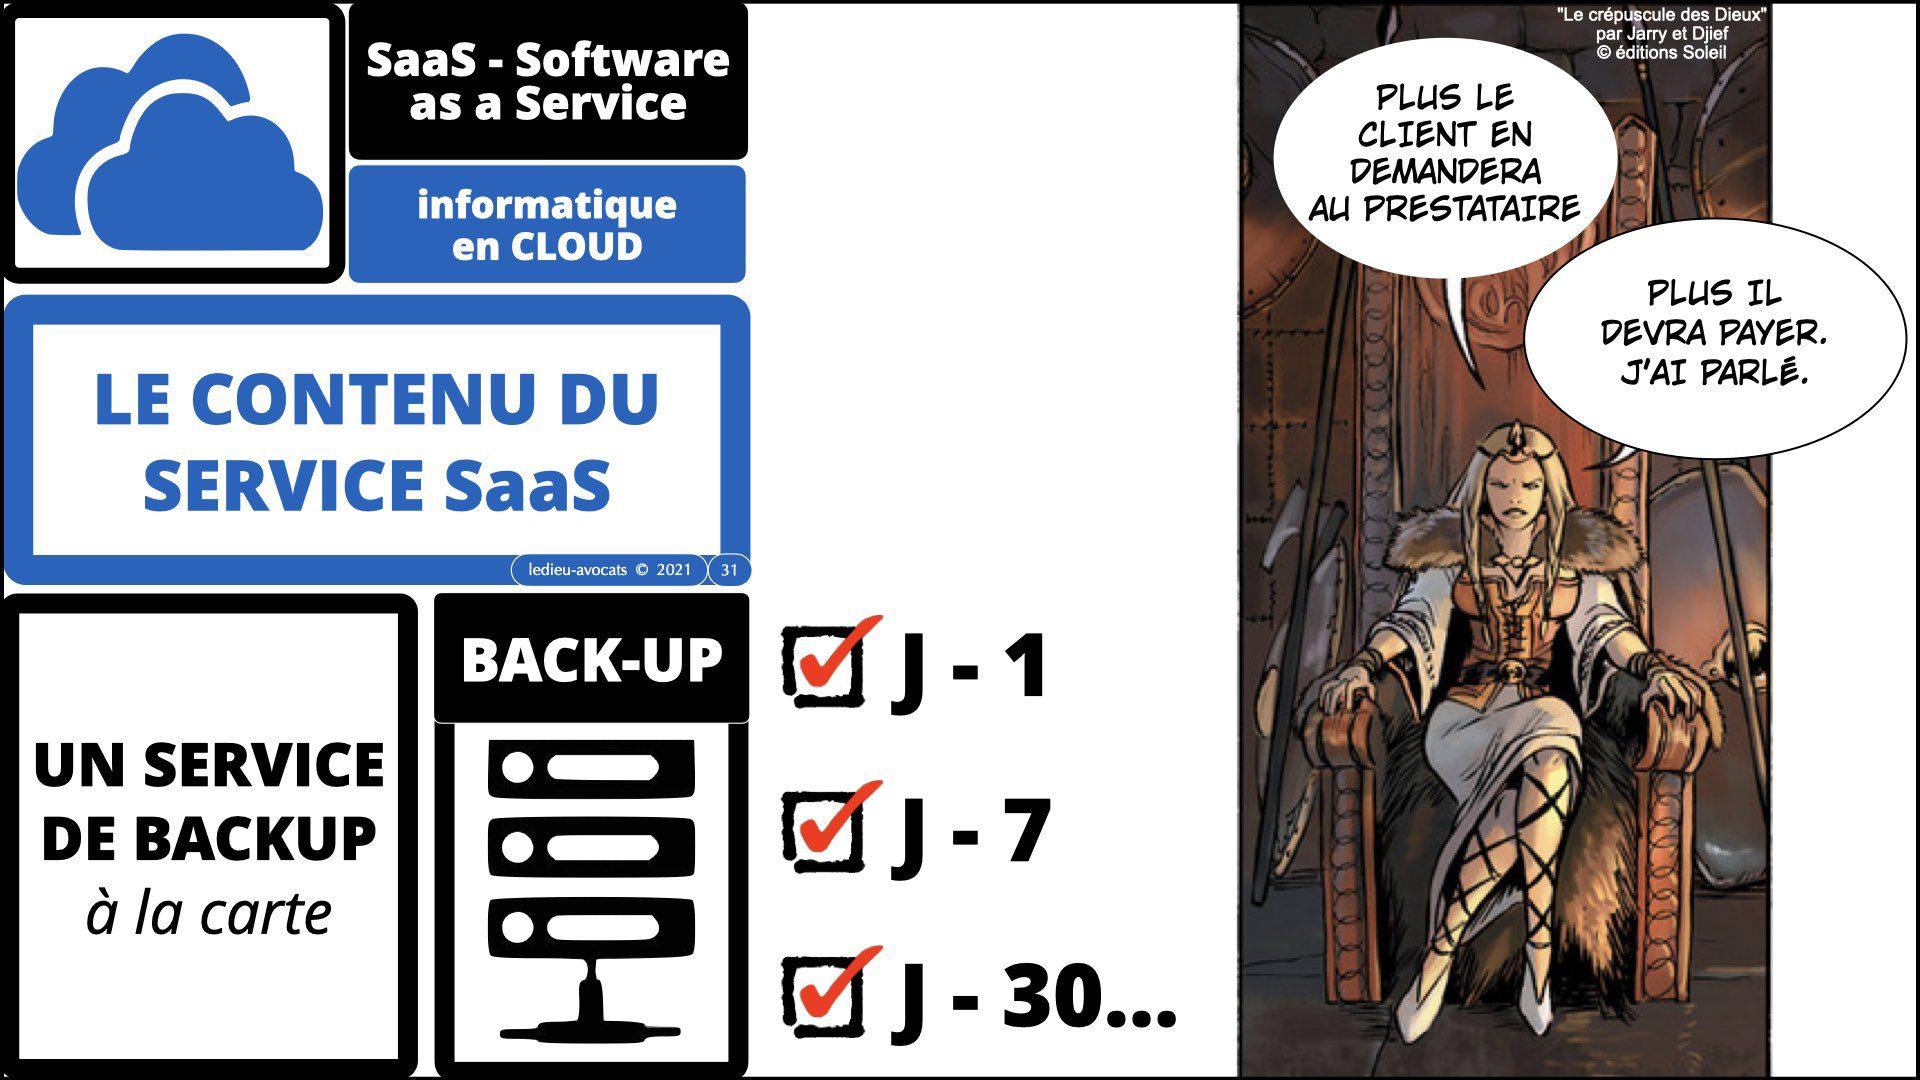 service logiciel SaaS 2021 : des backups ?